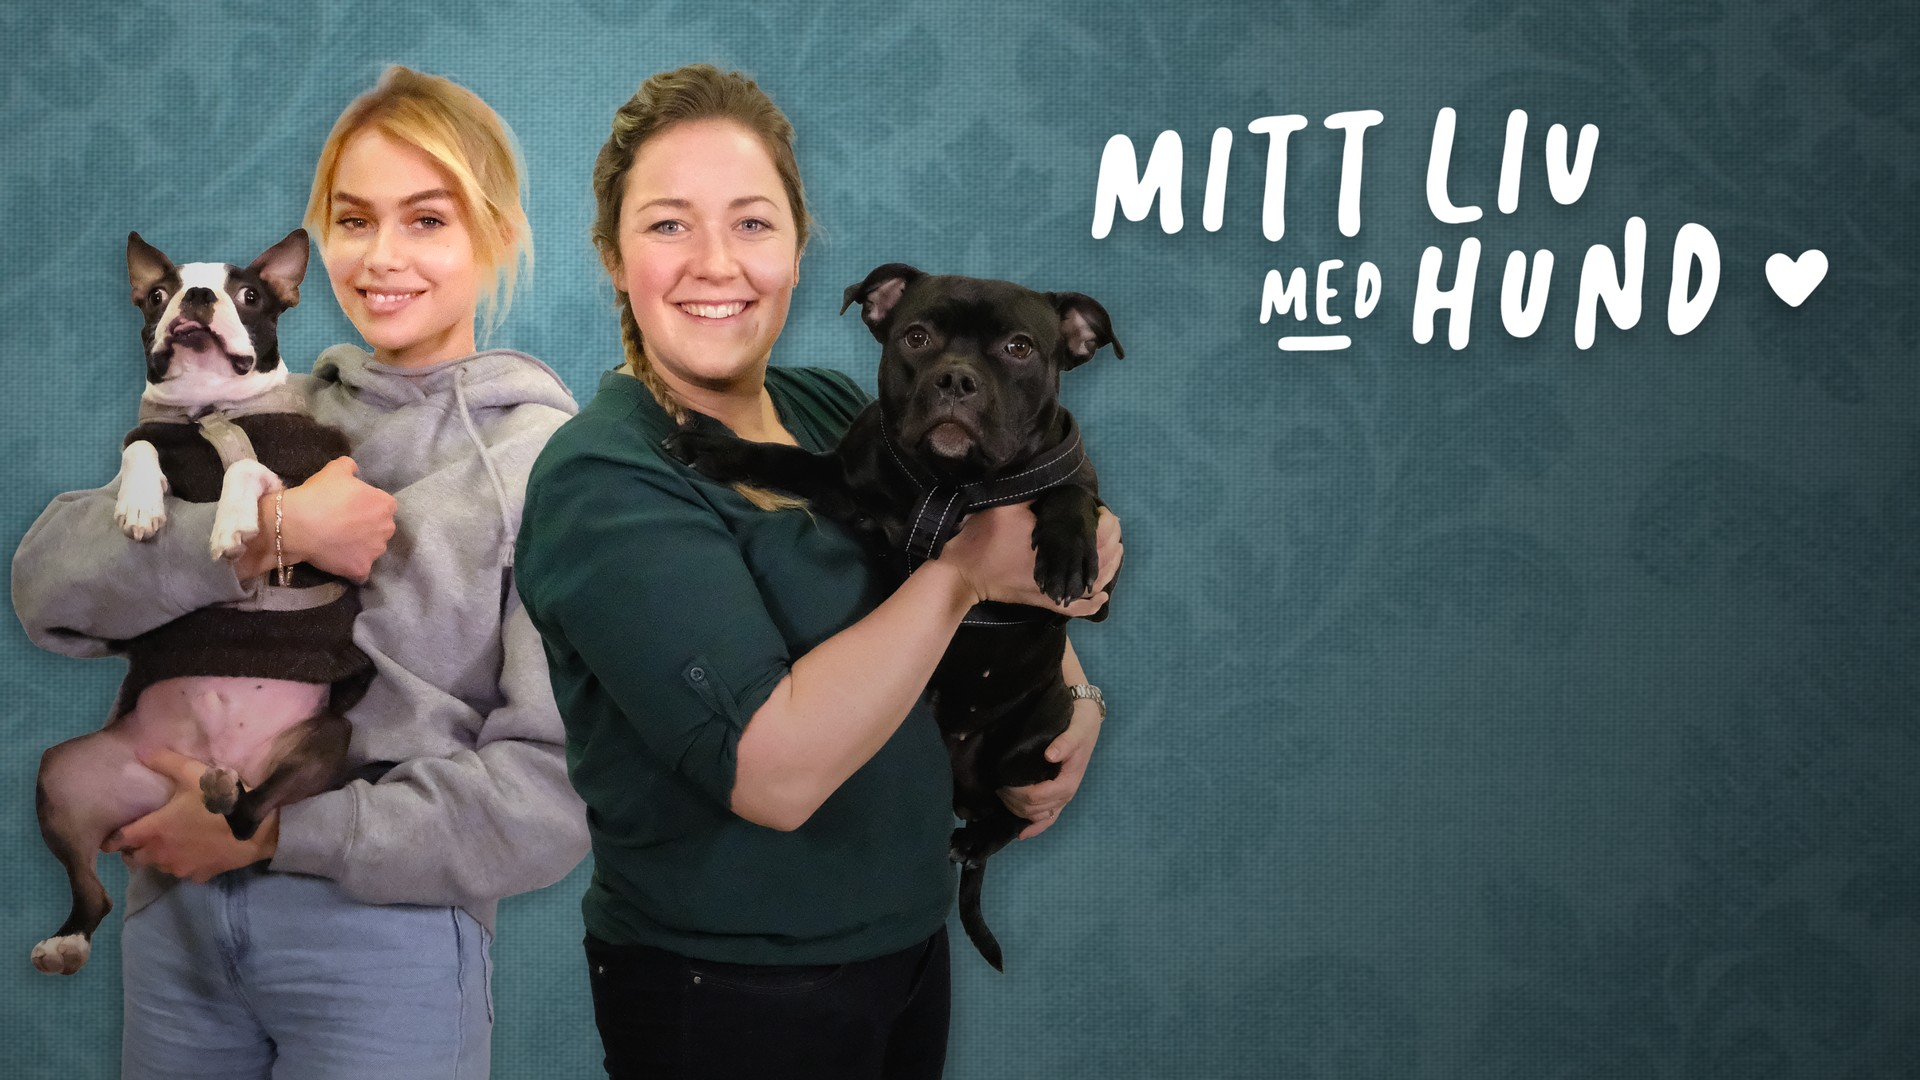 Mitt Liv Med Hund